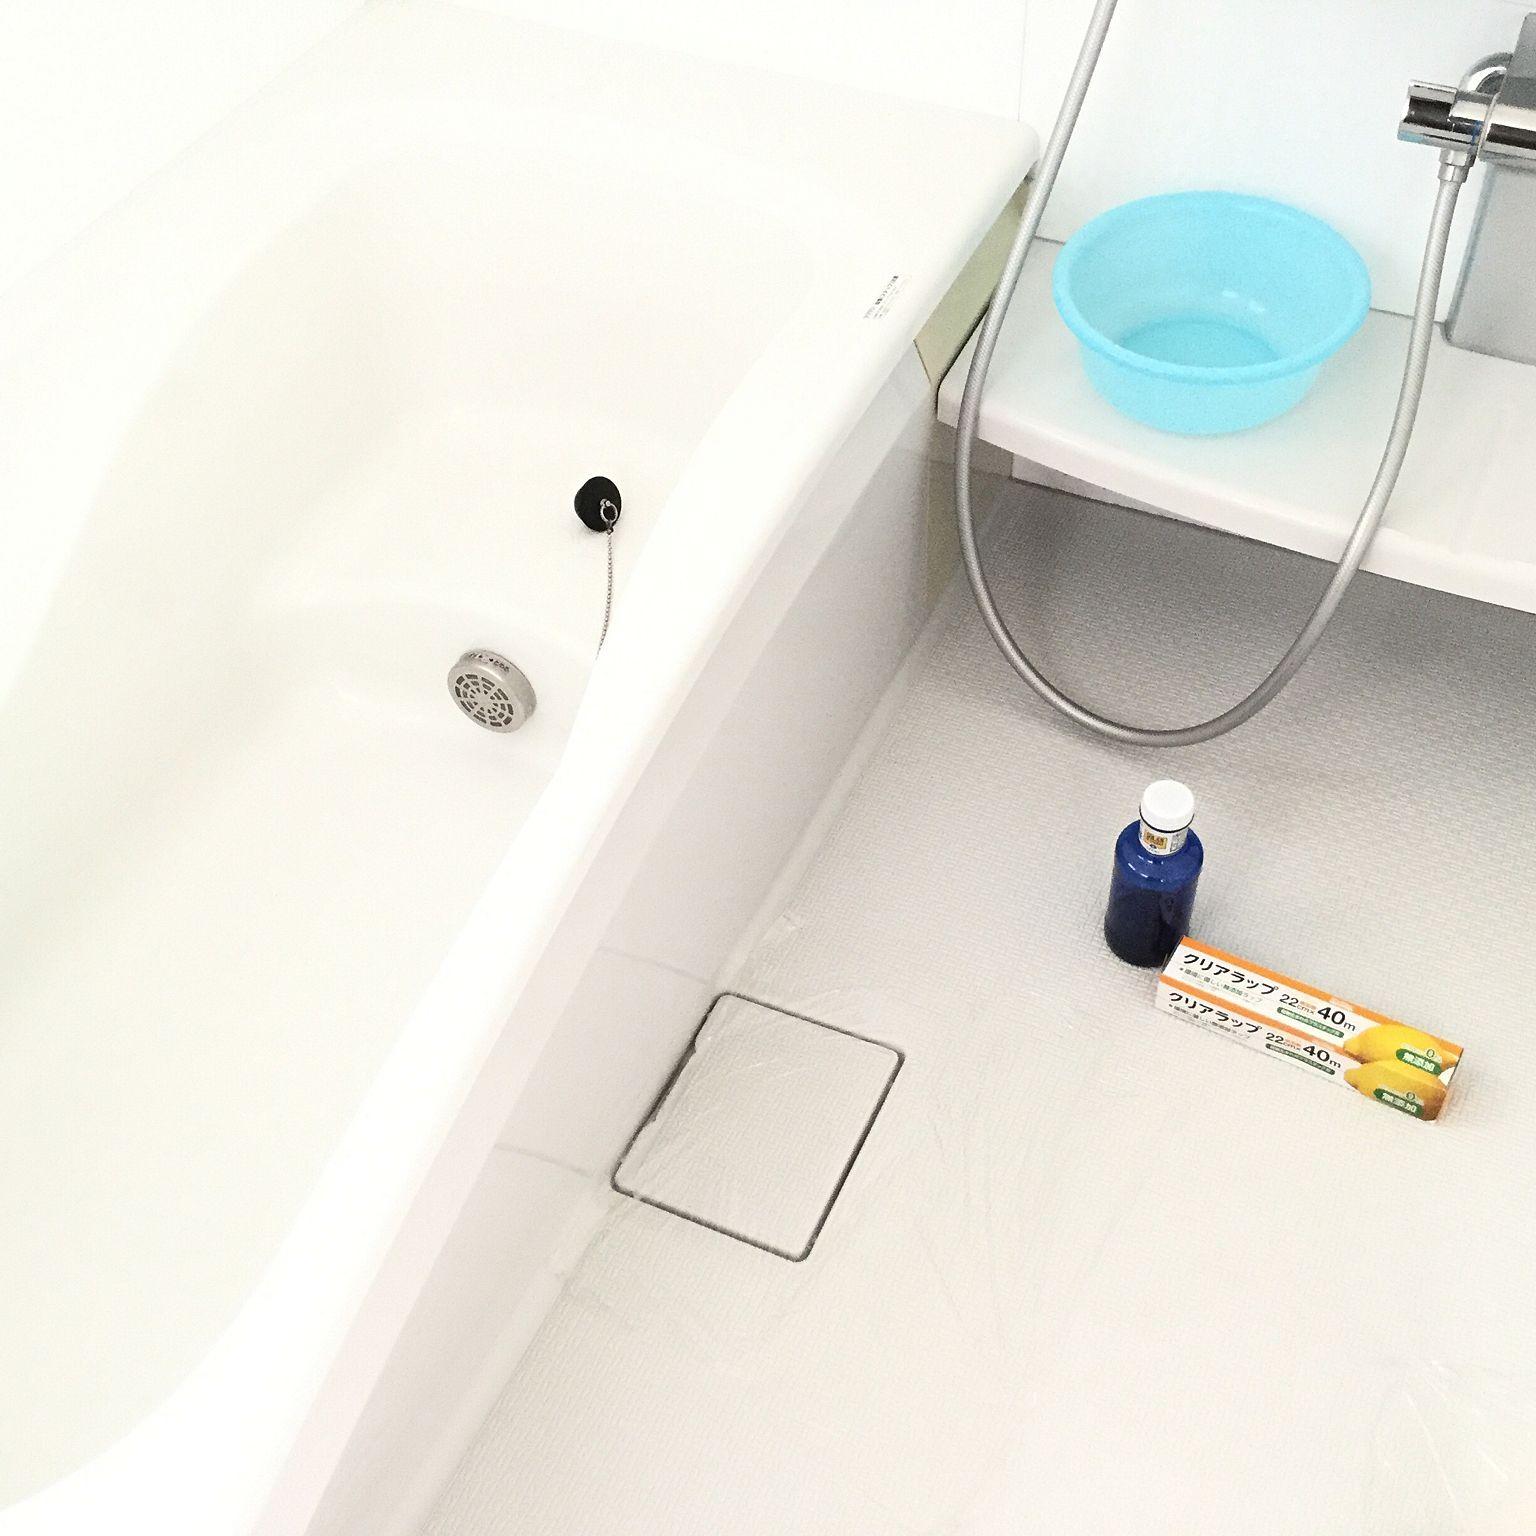 頑固な汚れもあきらめない 部分別 お風呂の汚れ撃退法 お風呂 床掃除 風呂掃除